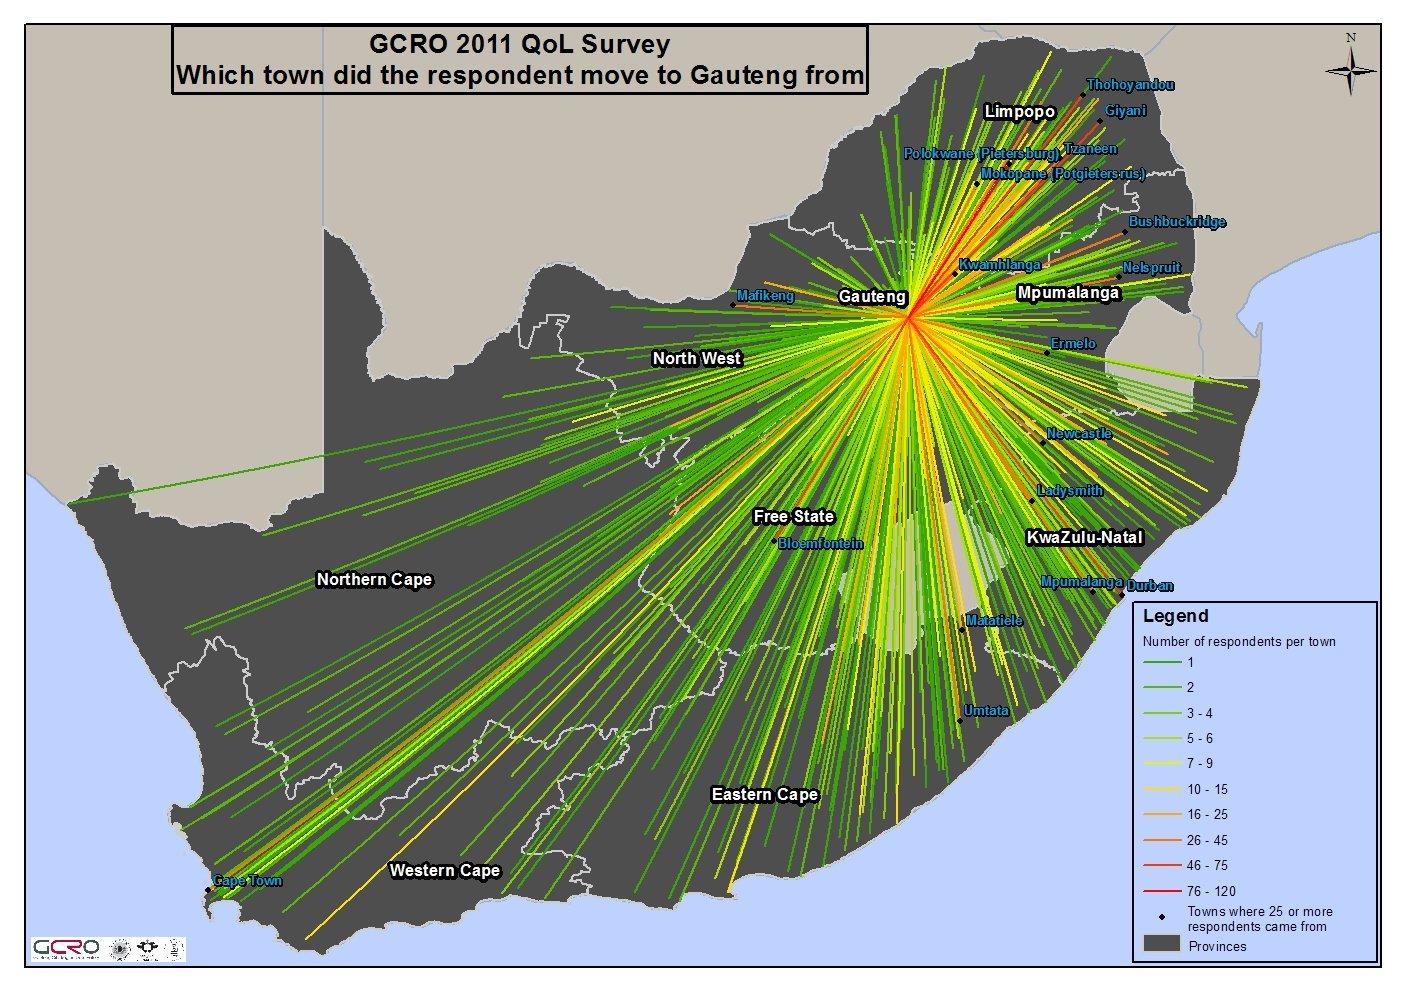 gcro2011qol_migration_from_towns_into_gauteng.jpg